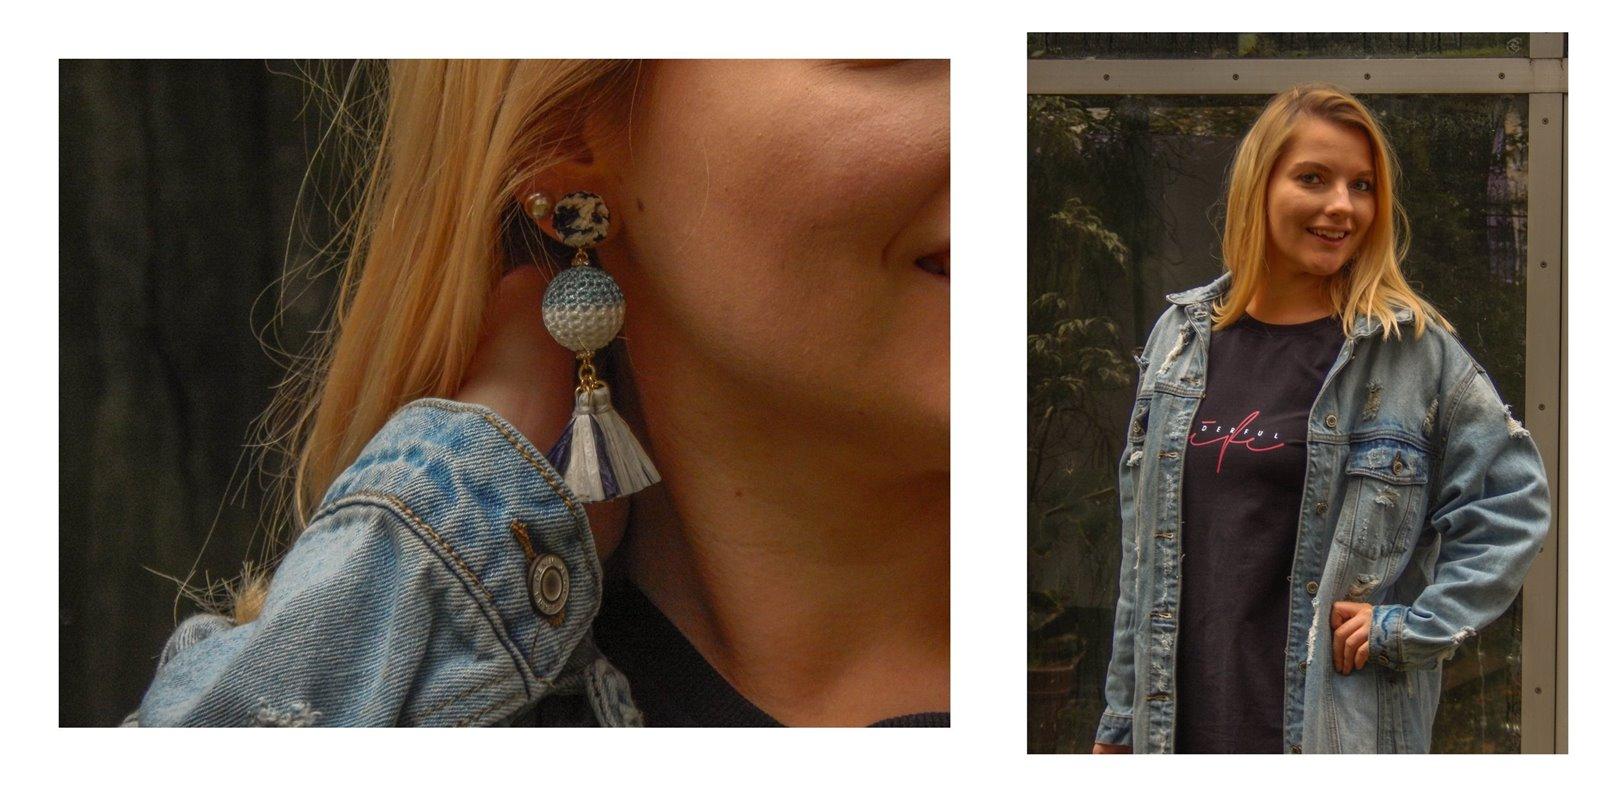 4A kolczyki artelioni aparat moda jeans jaka biżuteria do jeansu dla blondynki jaką biżuterię nosić najmodniejsze moda fashion outfit modnapolska daniel wellington